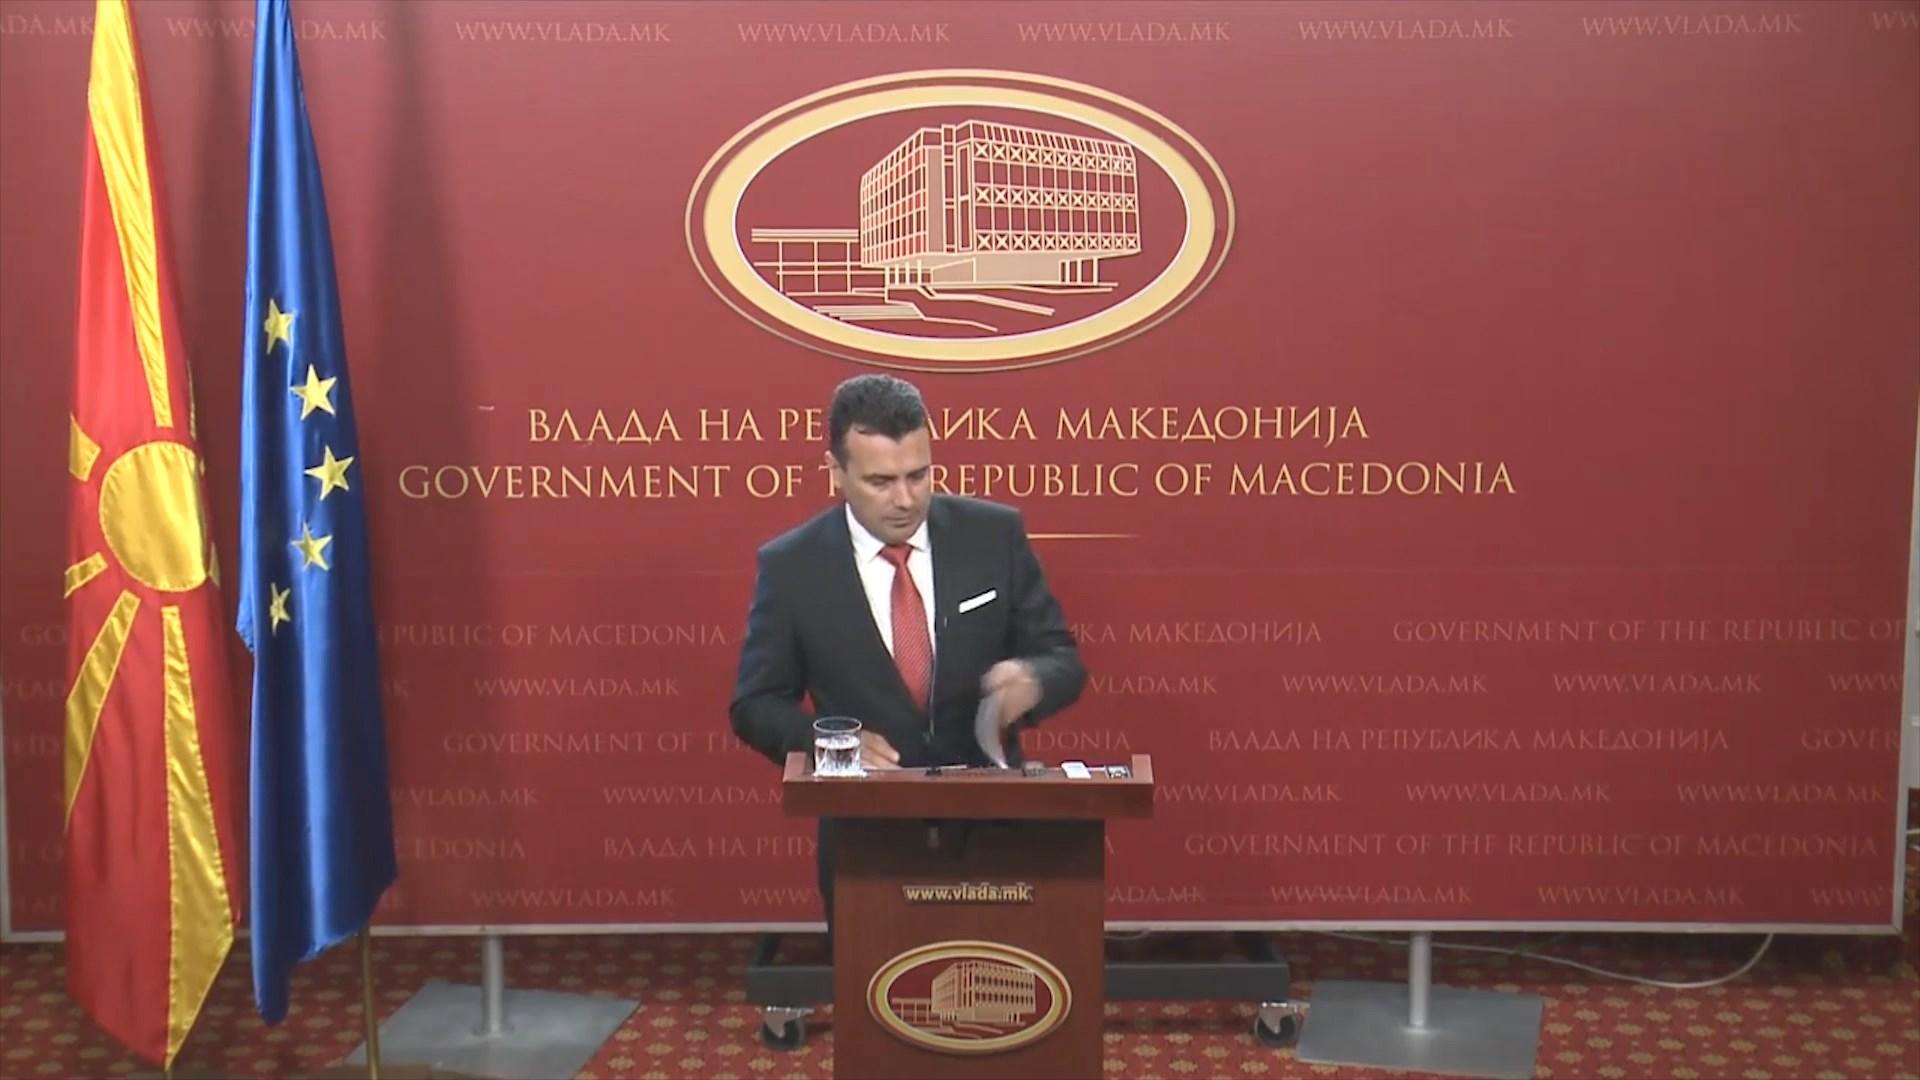 Qeveria e Maqedonisë bën gati amendamentet